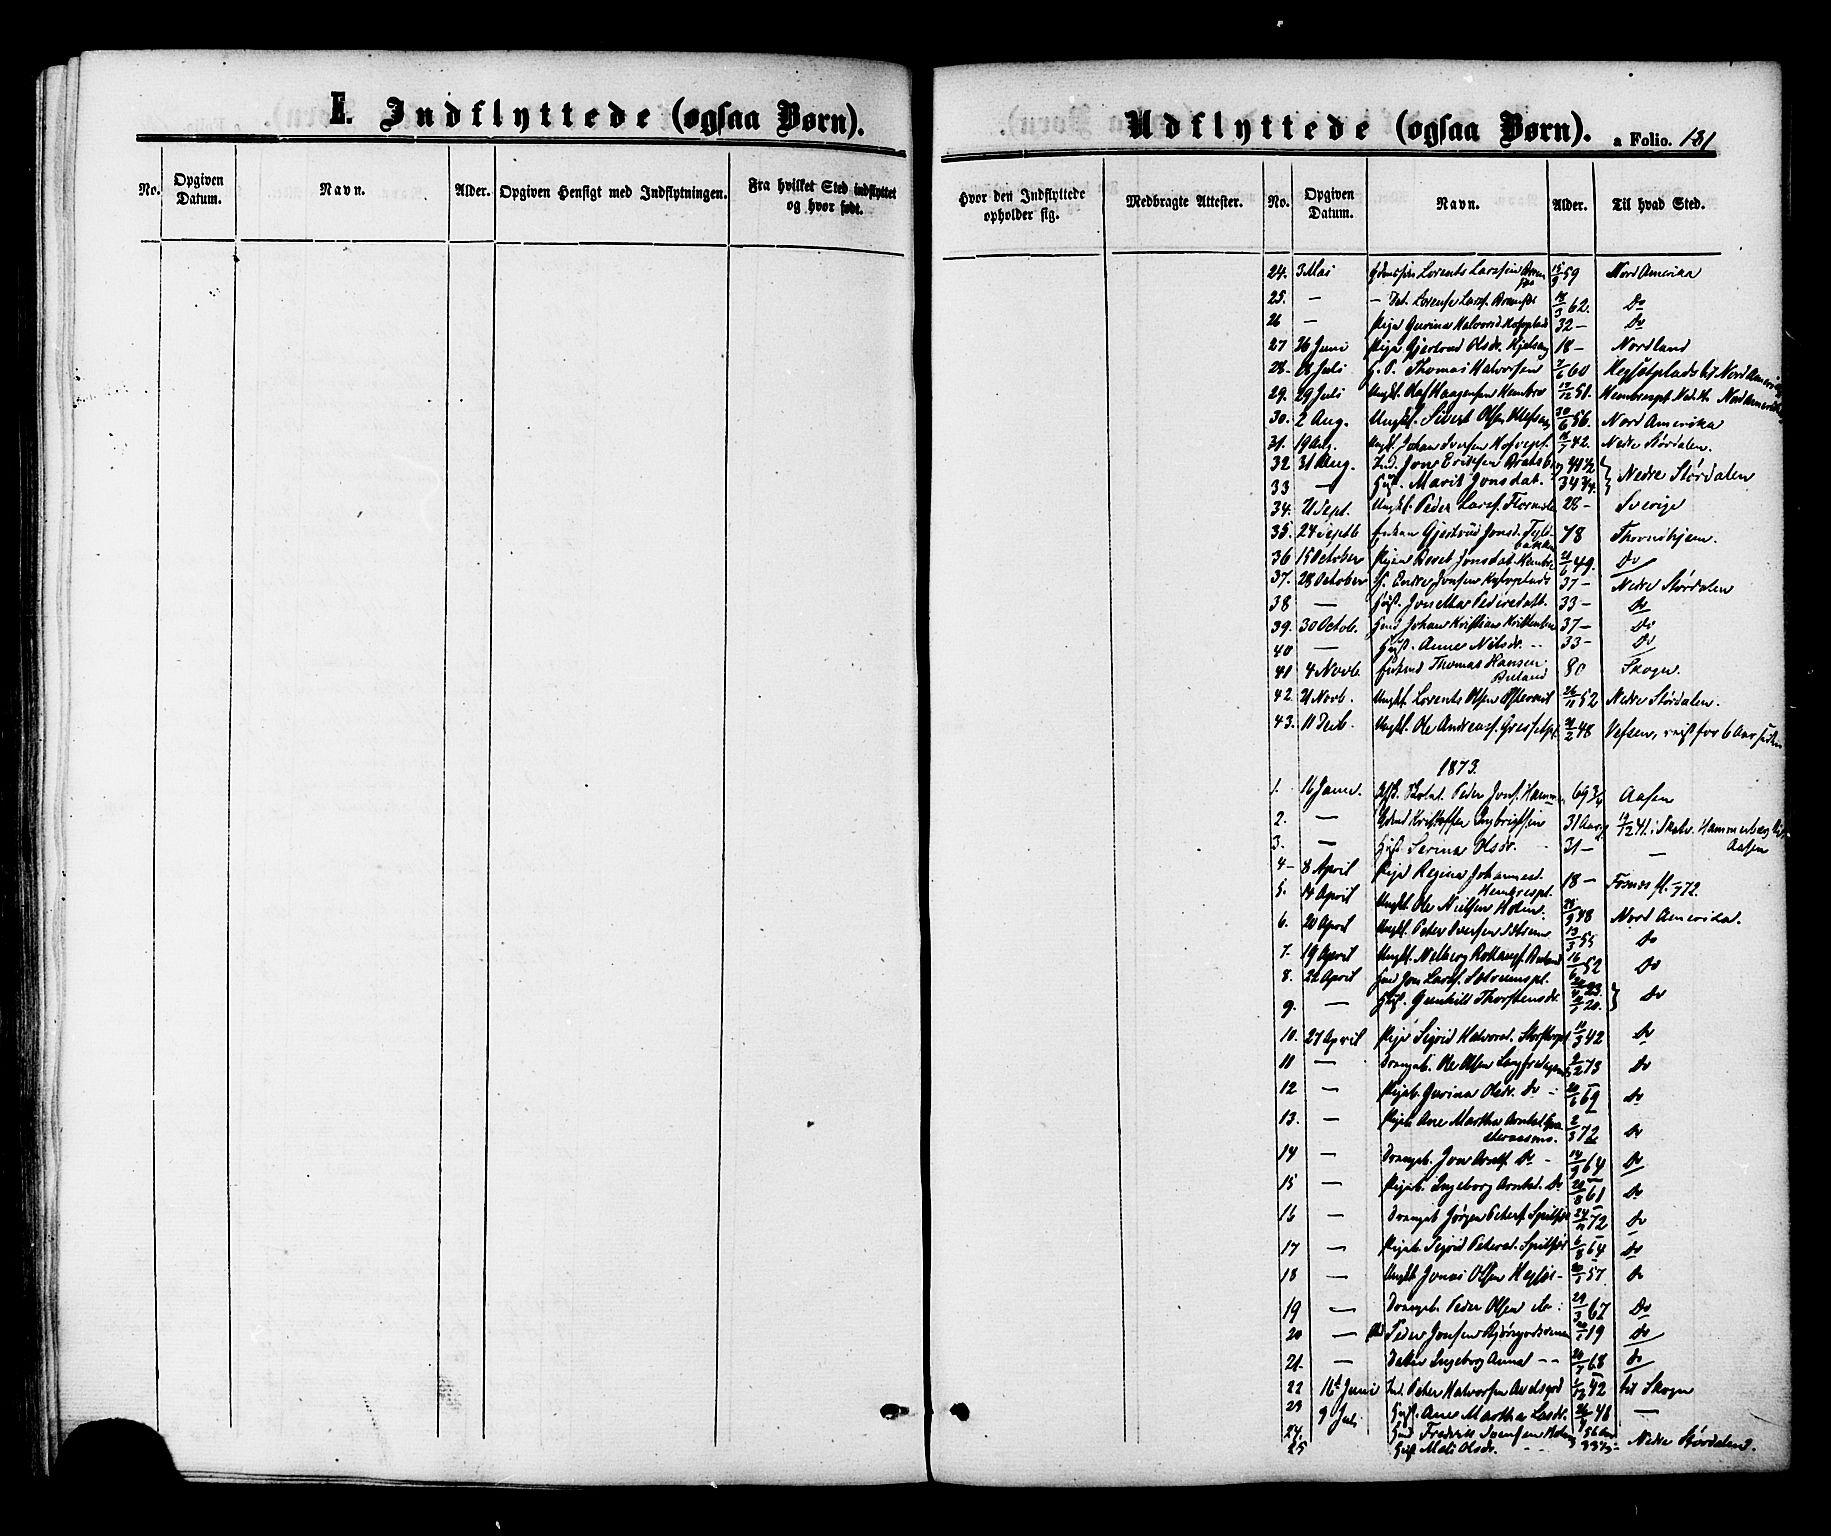 SAT, Ministerialprotokoller, klokkerbøker og fødselsregistre - Nord-Trøndelag, 703/L0029: Ministerialbok nr. 703A02, 1863-1879, s. 181